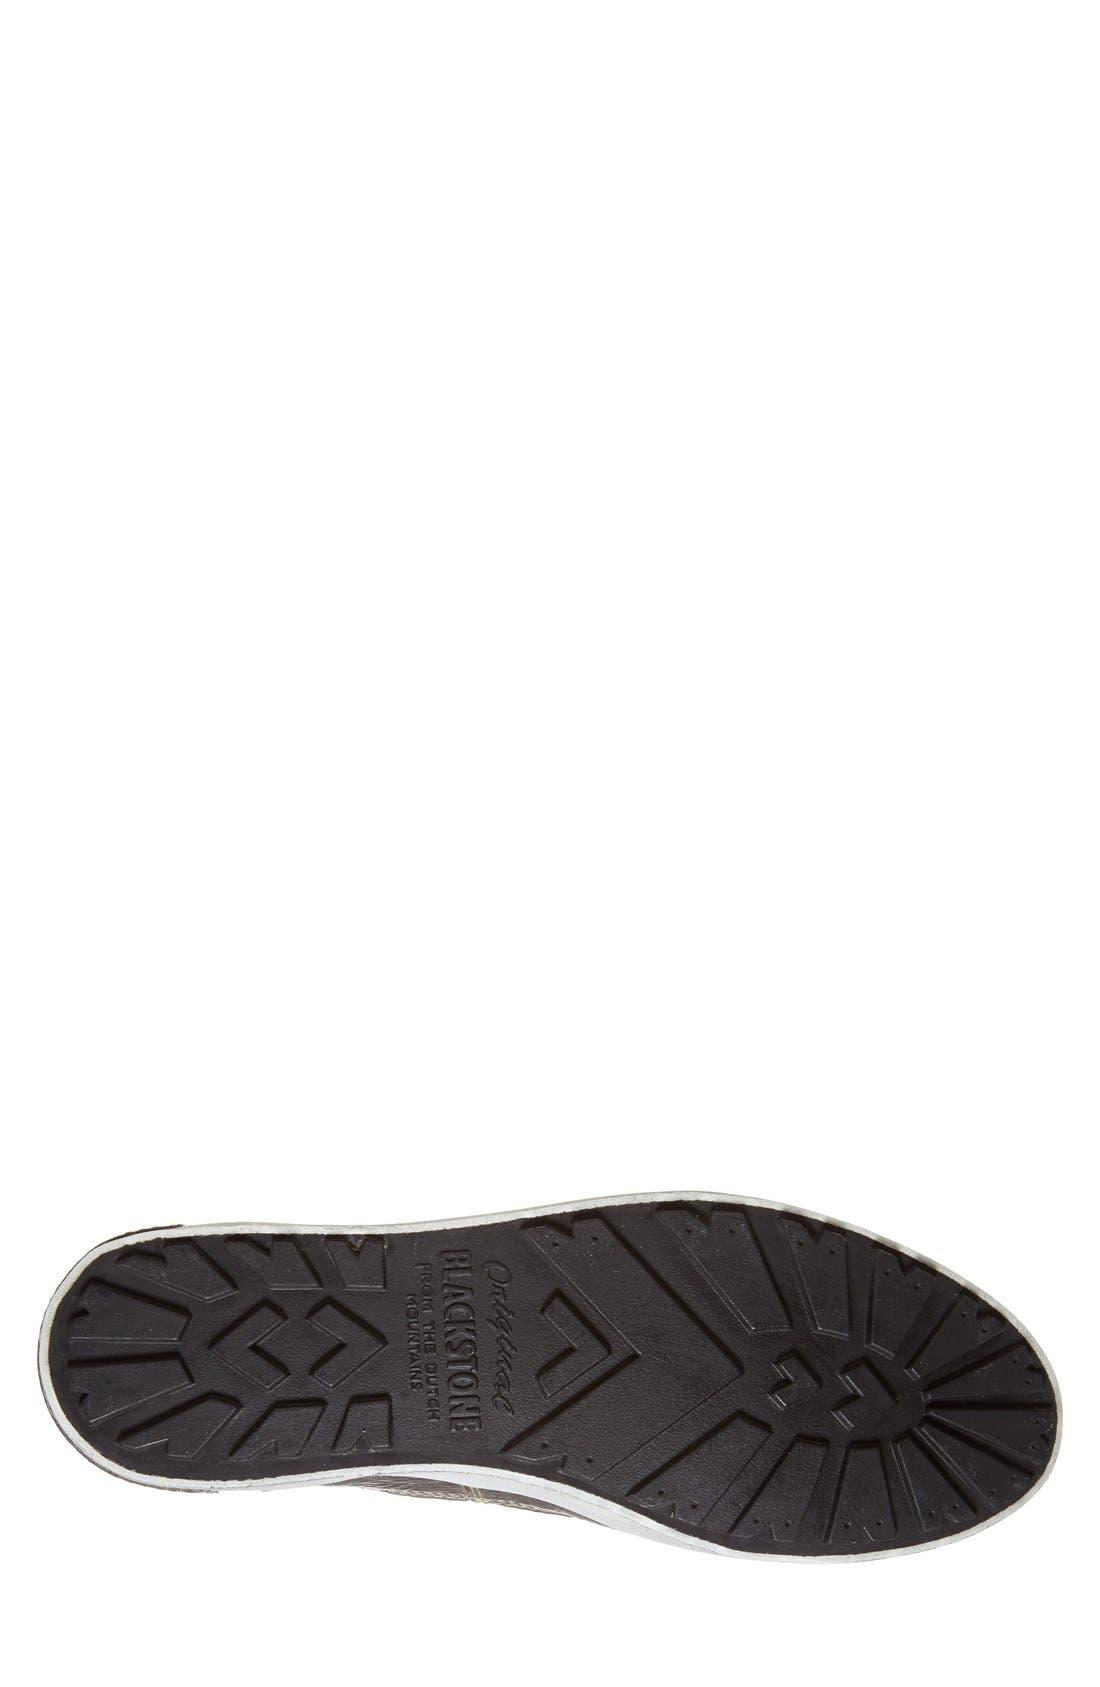 'JM 01' Sneaker,                             Alternate thumbnail 2, color,                             081